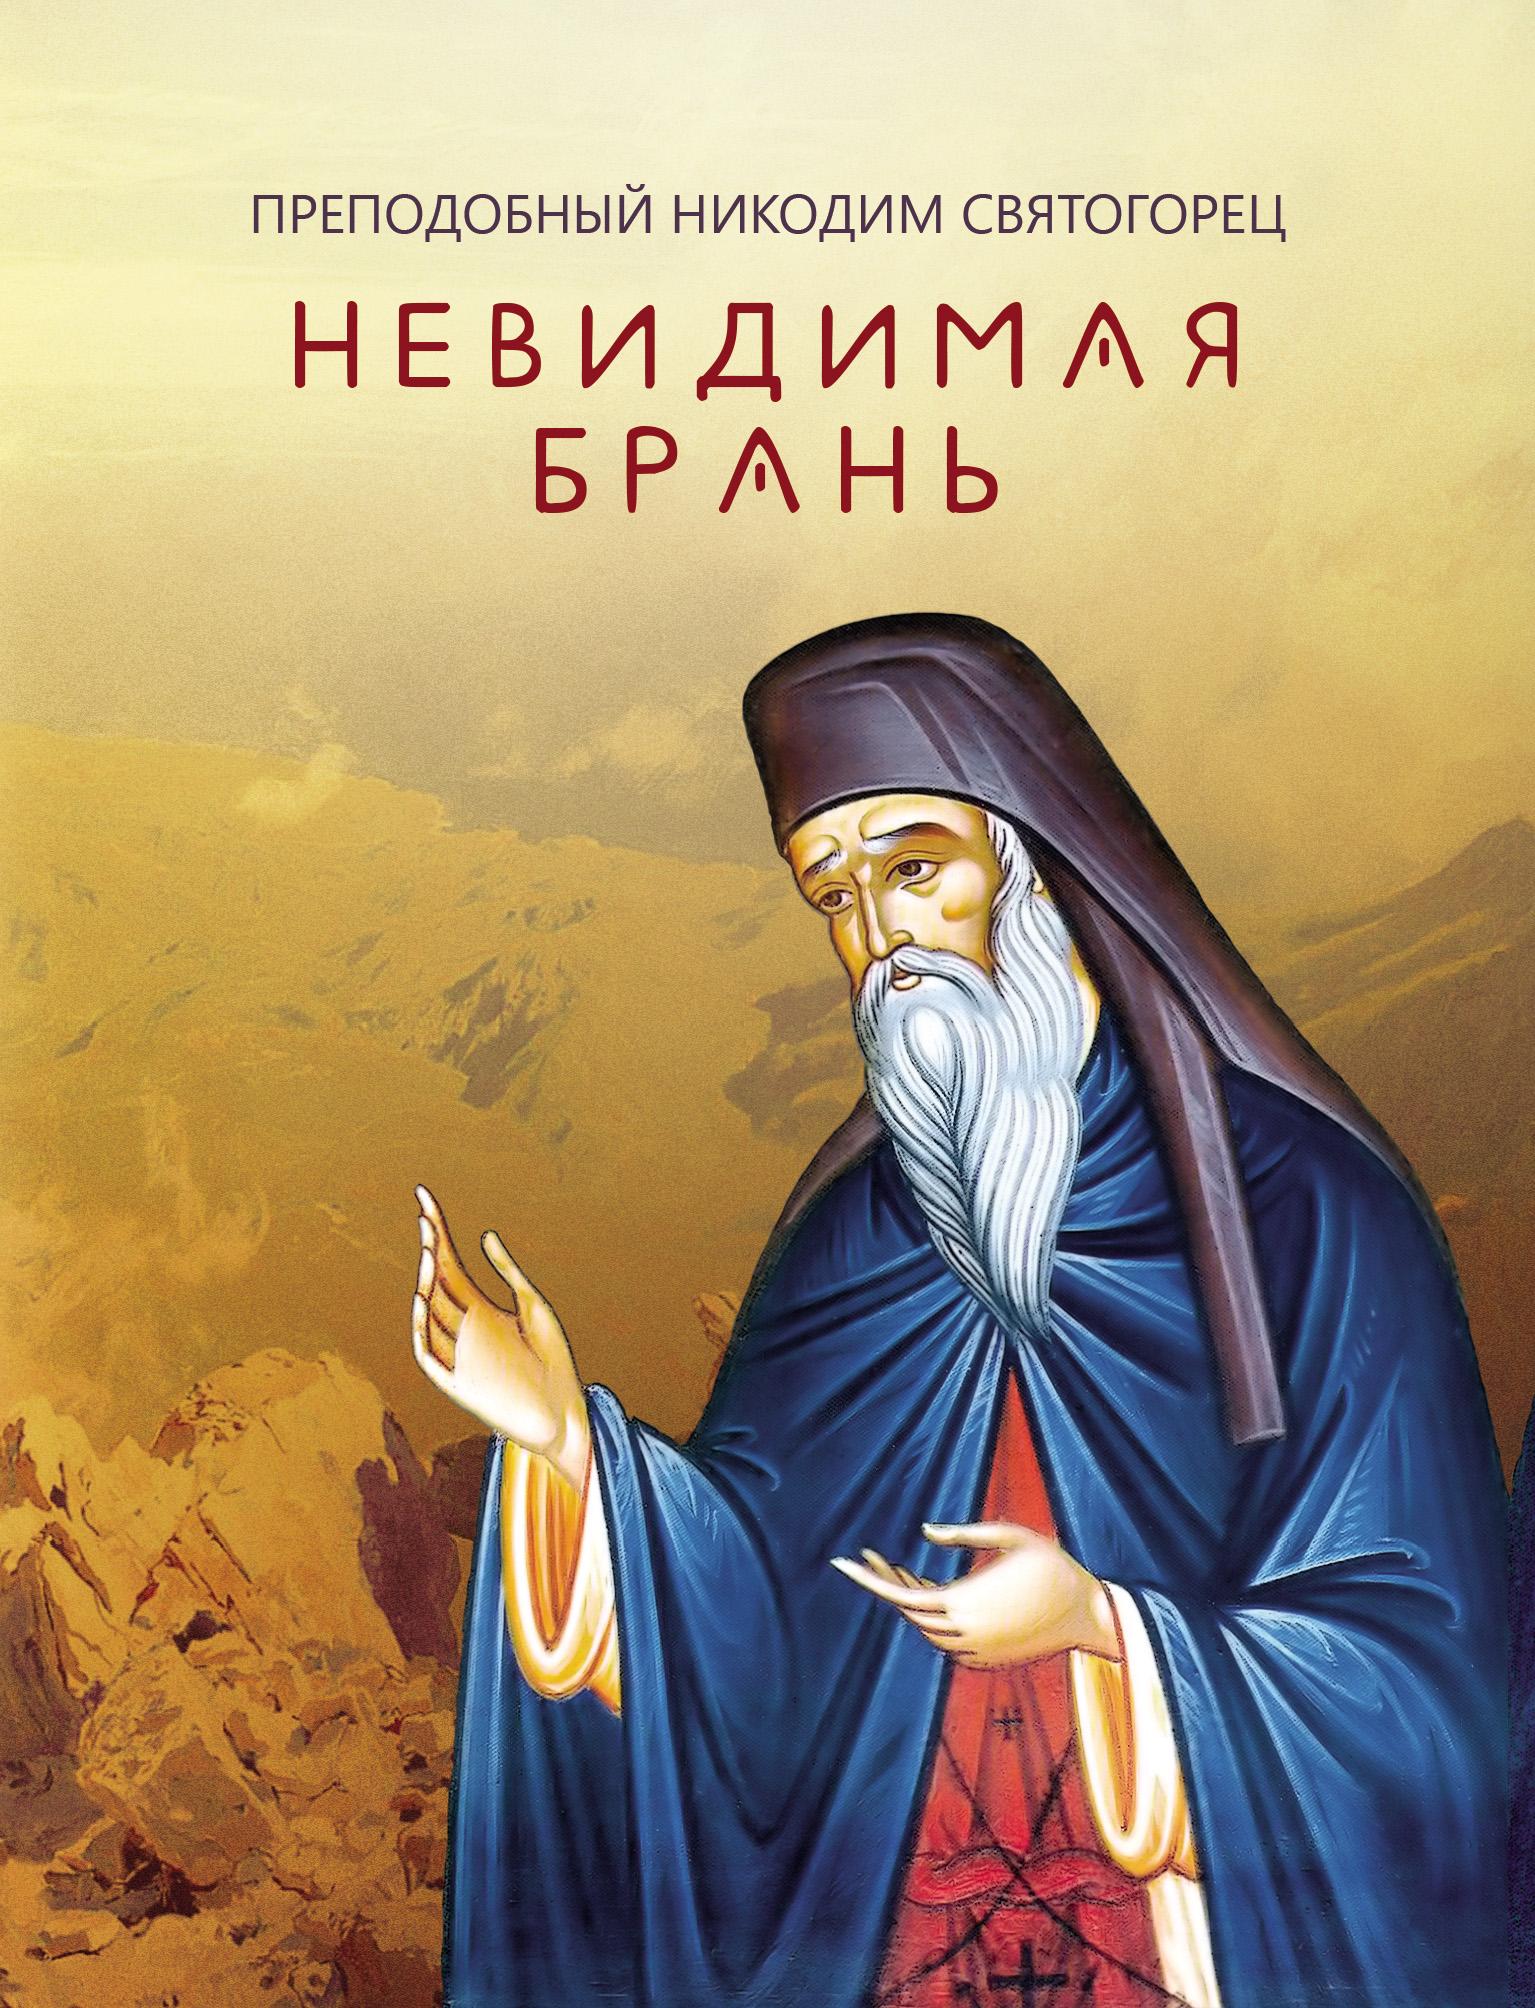 преподобный Никодим Святогорец Невидимая брань воробьев н путь ко спасению покаяние